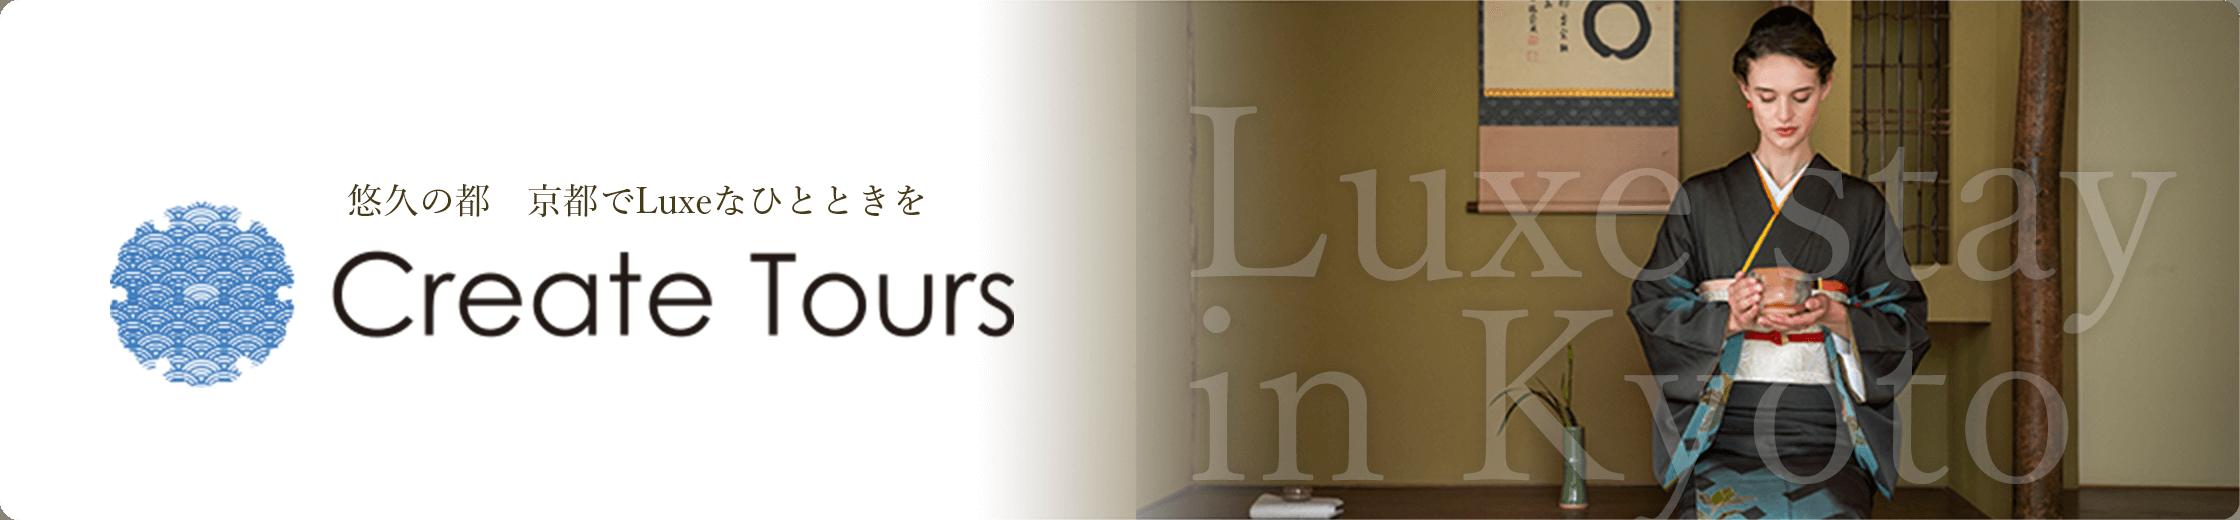 悠久の都 京都でLuxeなひとときを。Create Tours